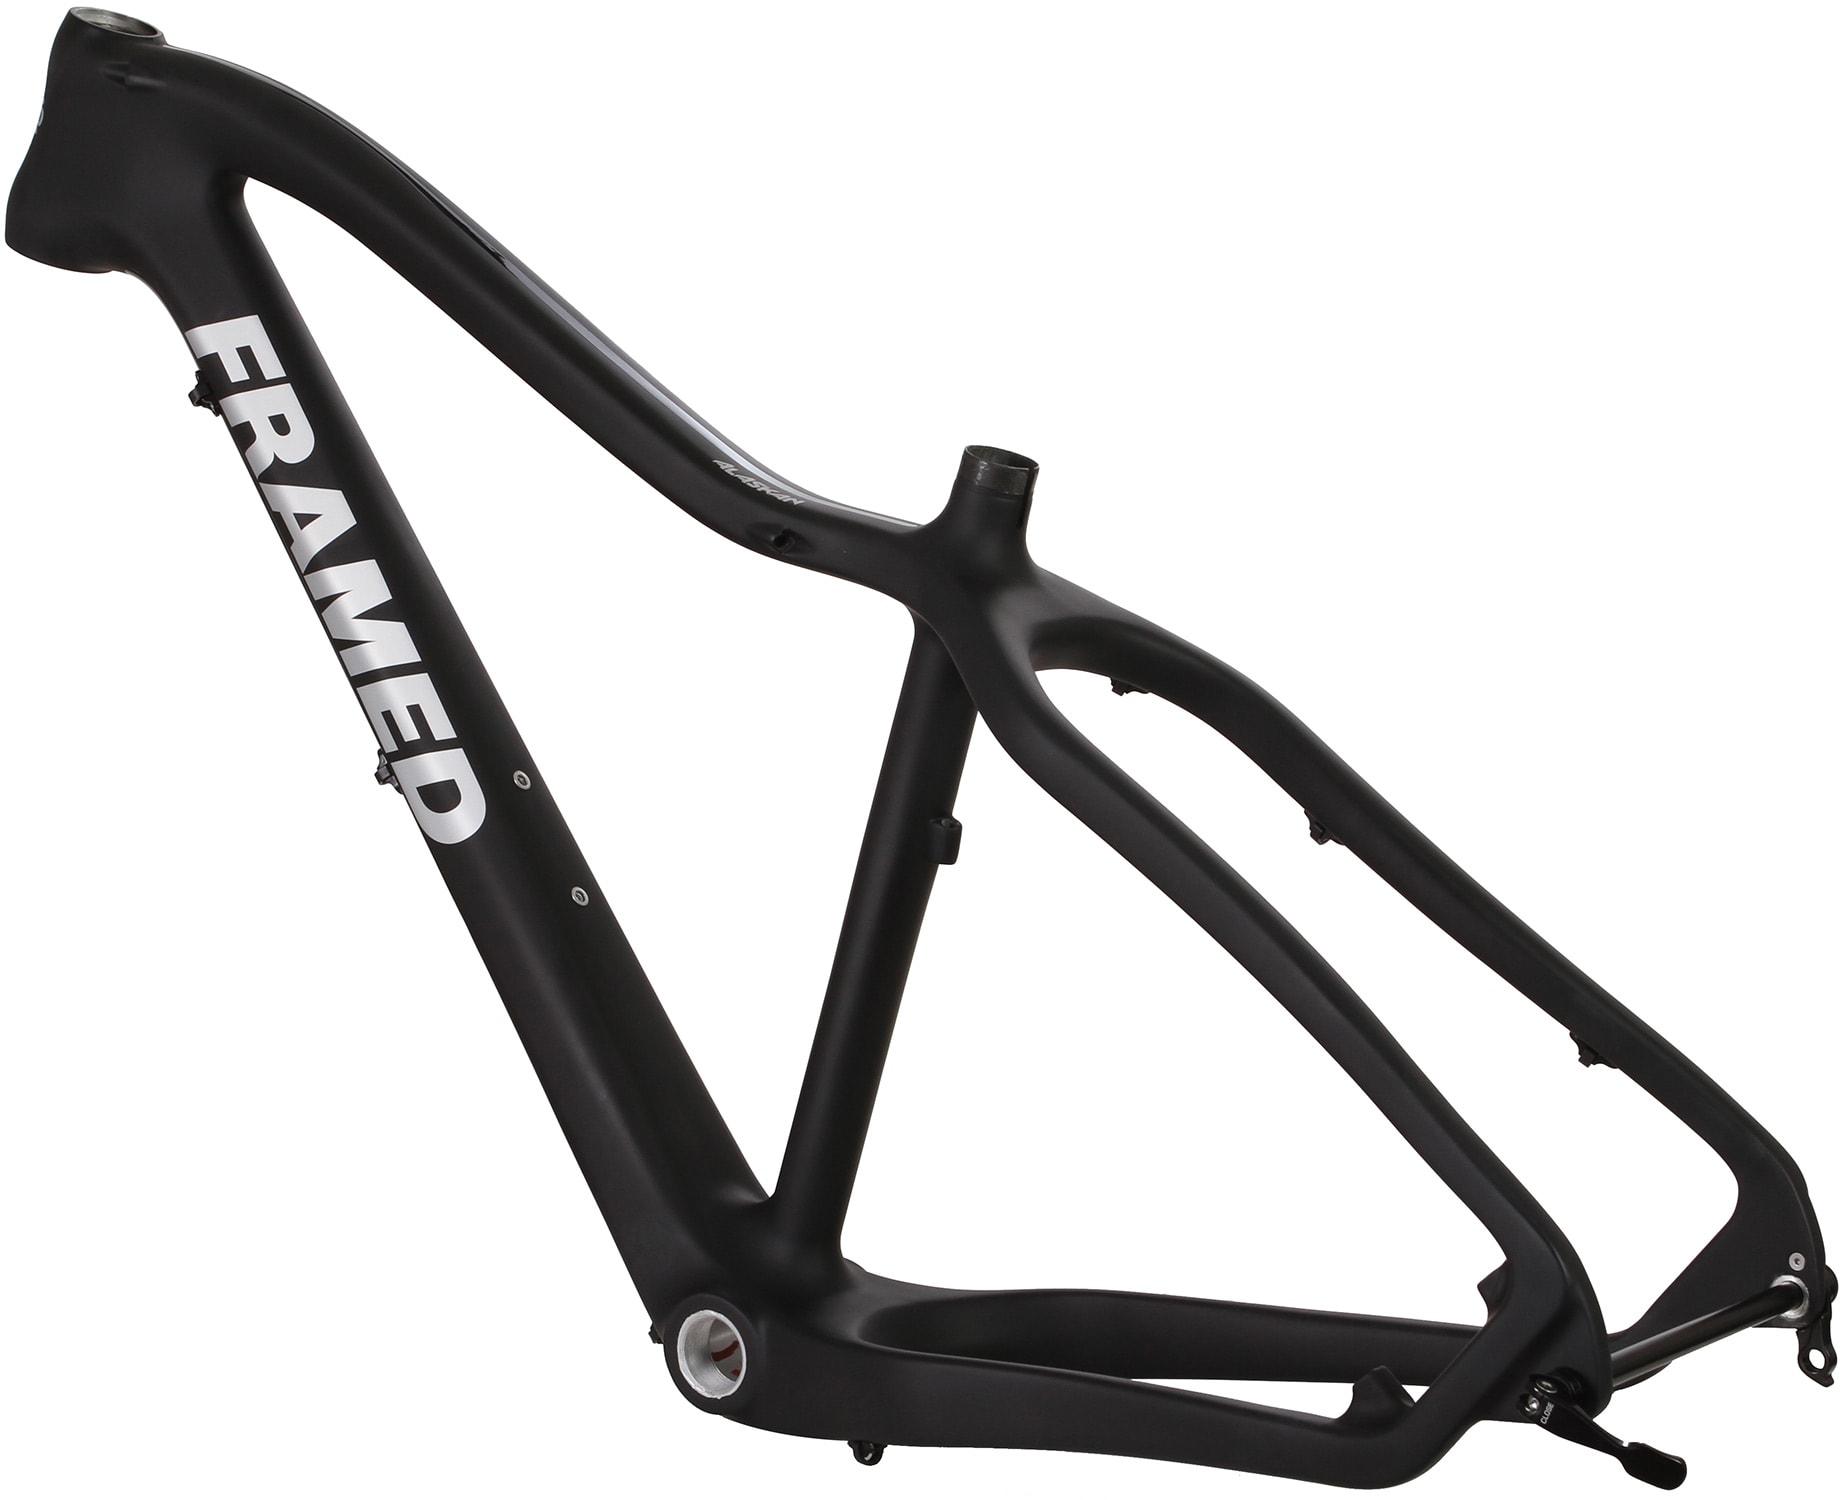 on sale framed alaskan carbon w rst fork fat bike up to 45 off framed carbon rst build